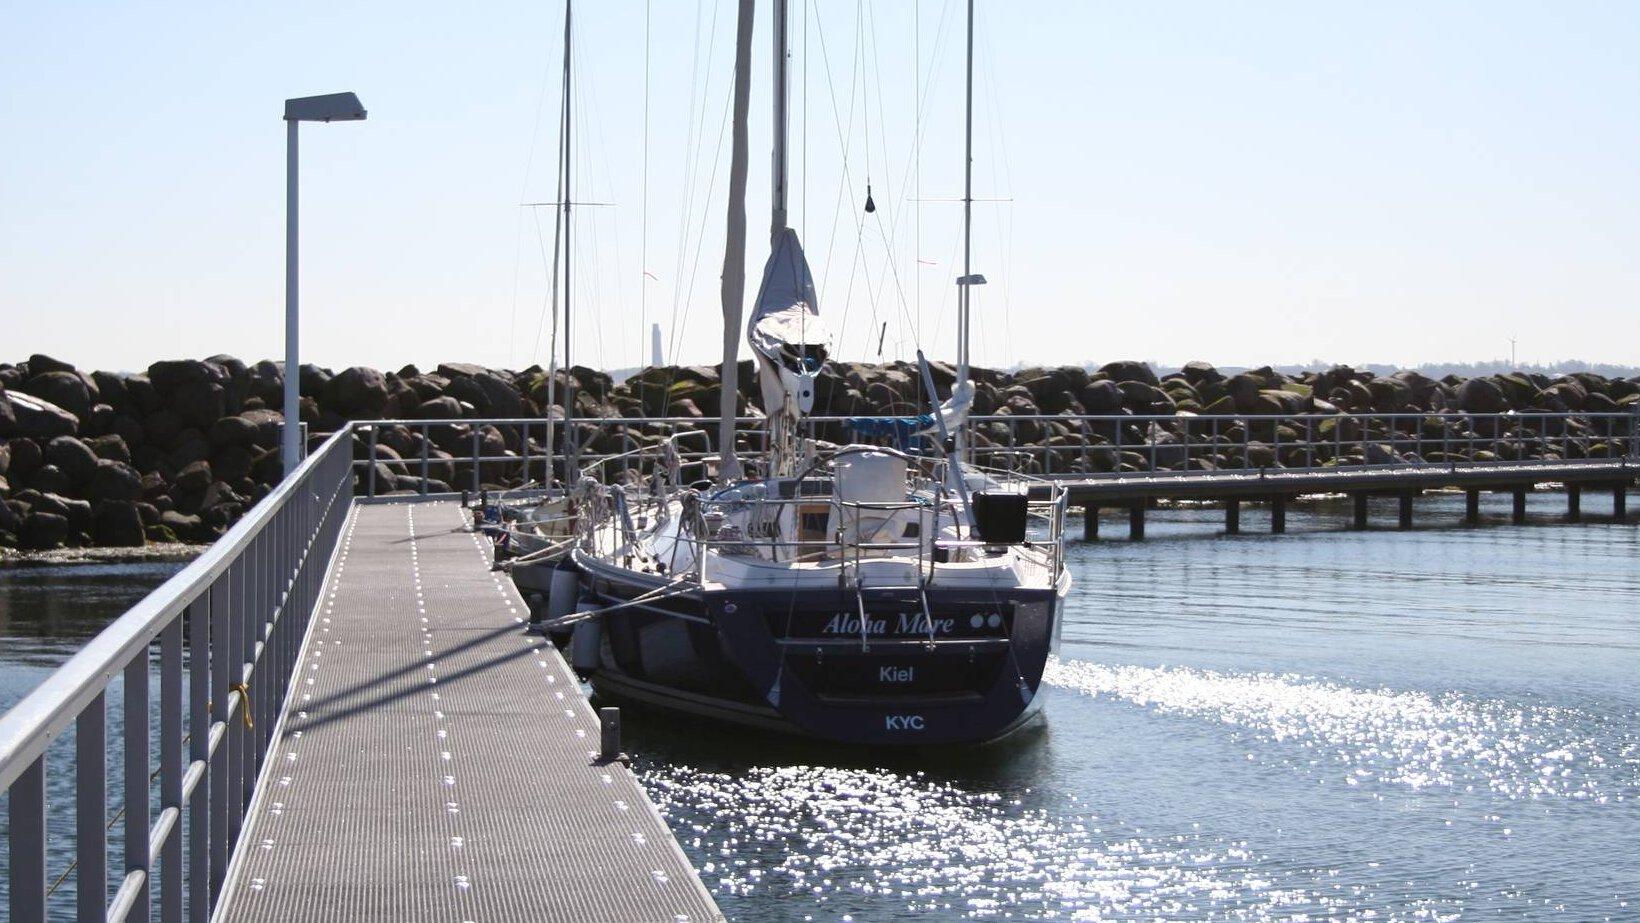 Gallery image 2 - pier in Kiel